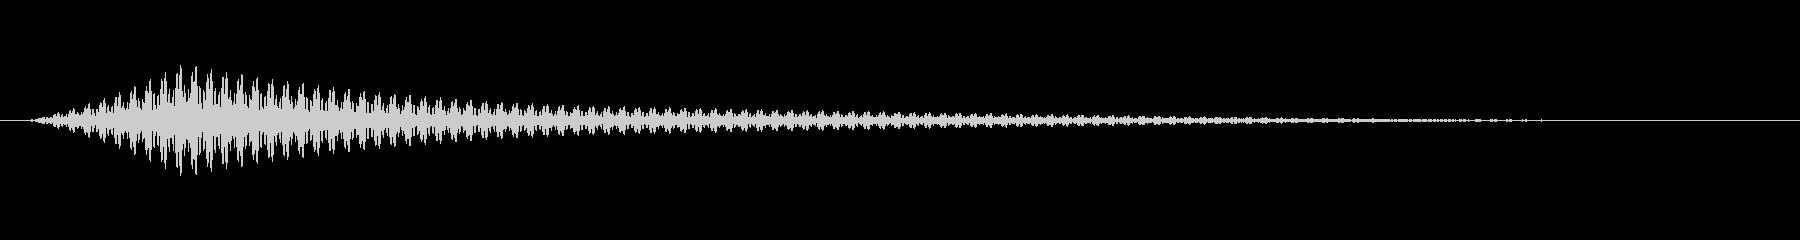 起動音その1の未再生の波形